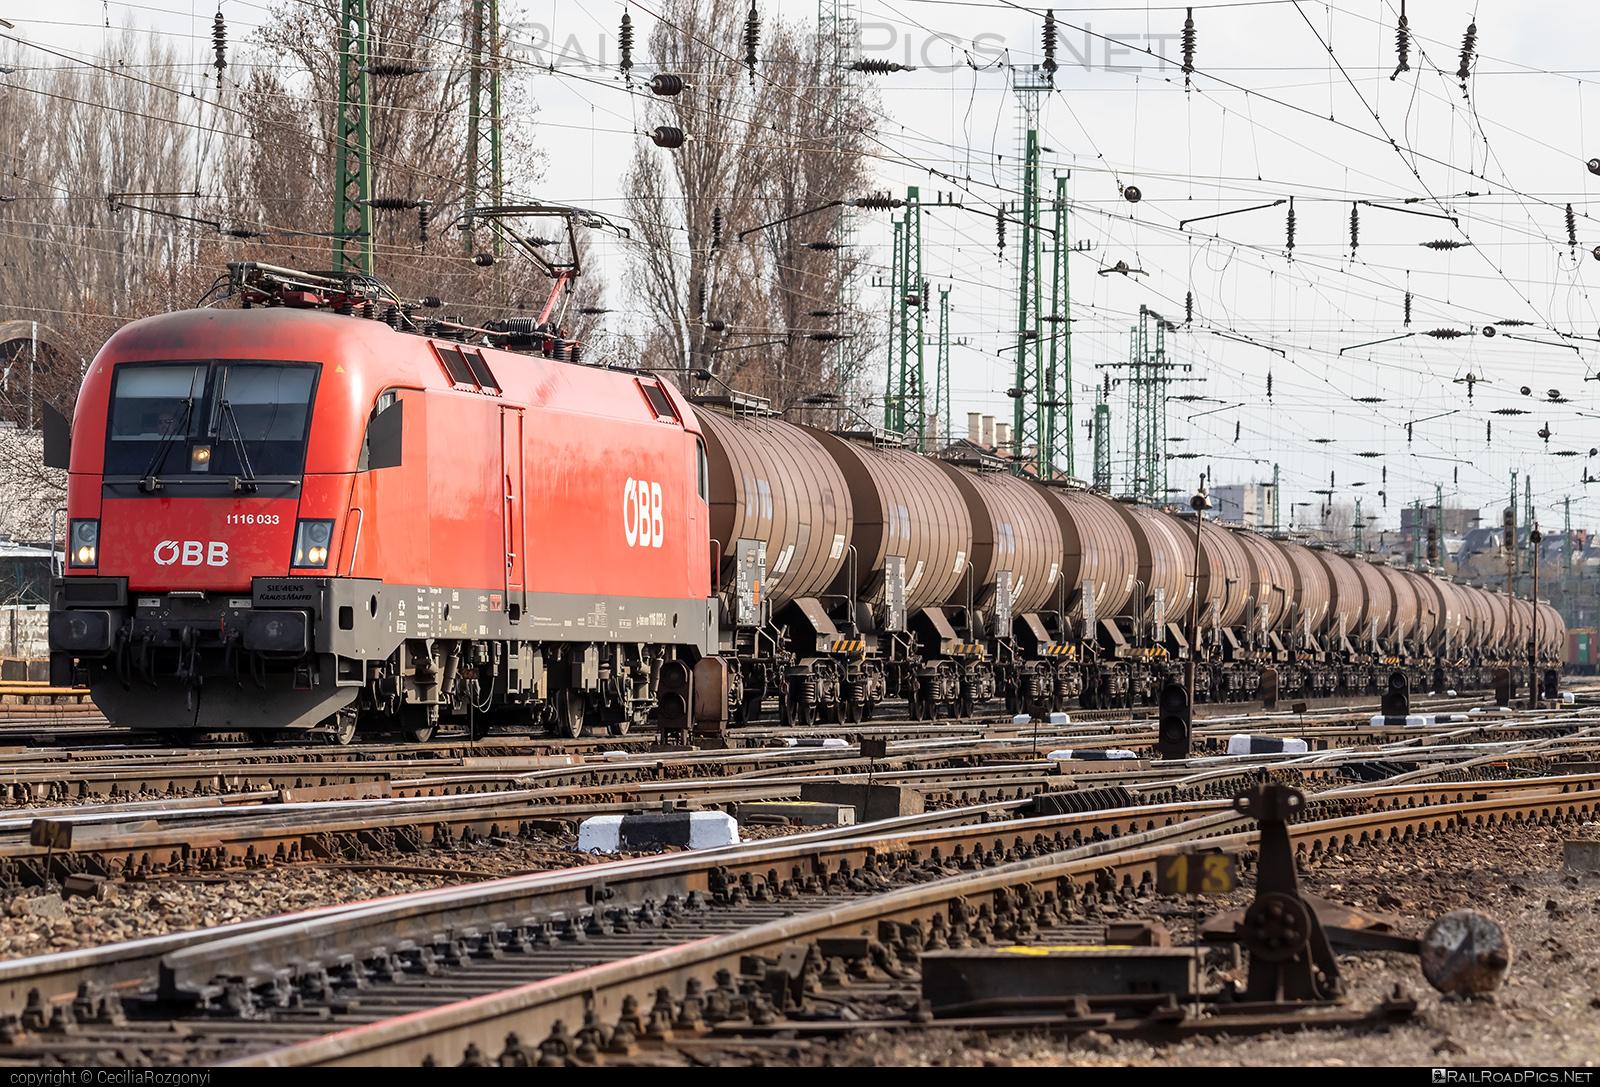 Siemens ES 64 U2 - 1116 033 operated by Rail Cargo Hungaria ZRt. #es64 #es64u #es64u2 #eurosprinter #kesselwagen #obb #osterreichischebundesbahnen #rch #siemens #siemenses64 #siemenses64u #siemenses64u2 #siemenstaurus #tankwagon #taurus #tauruslocomotive